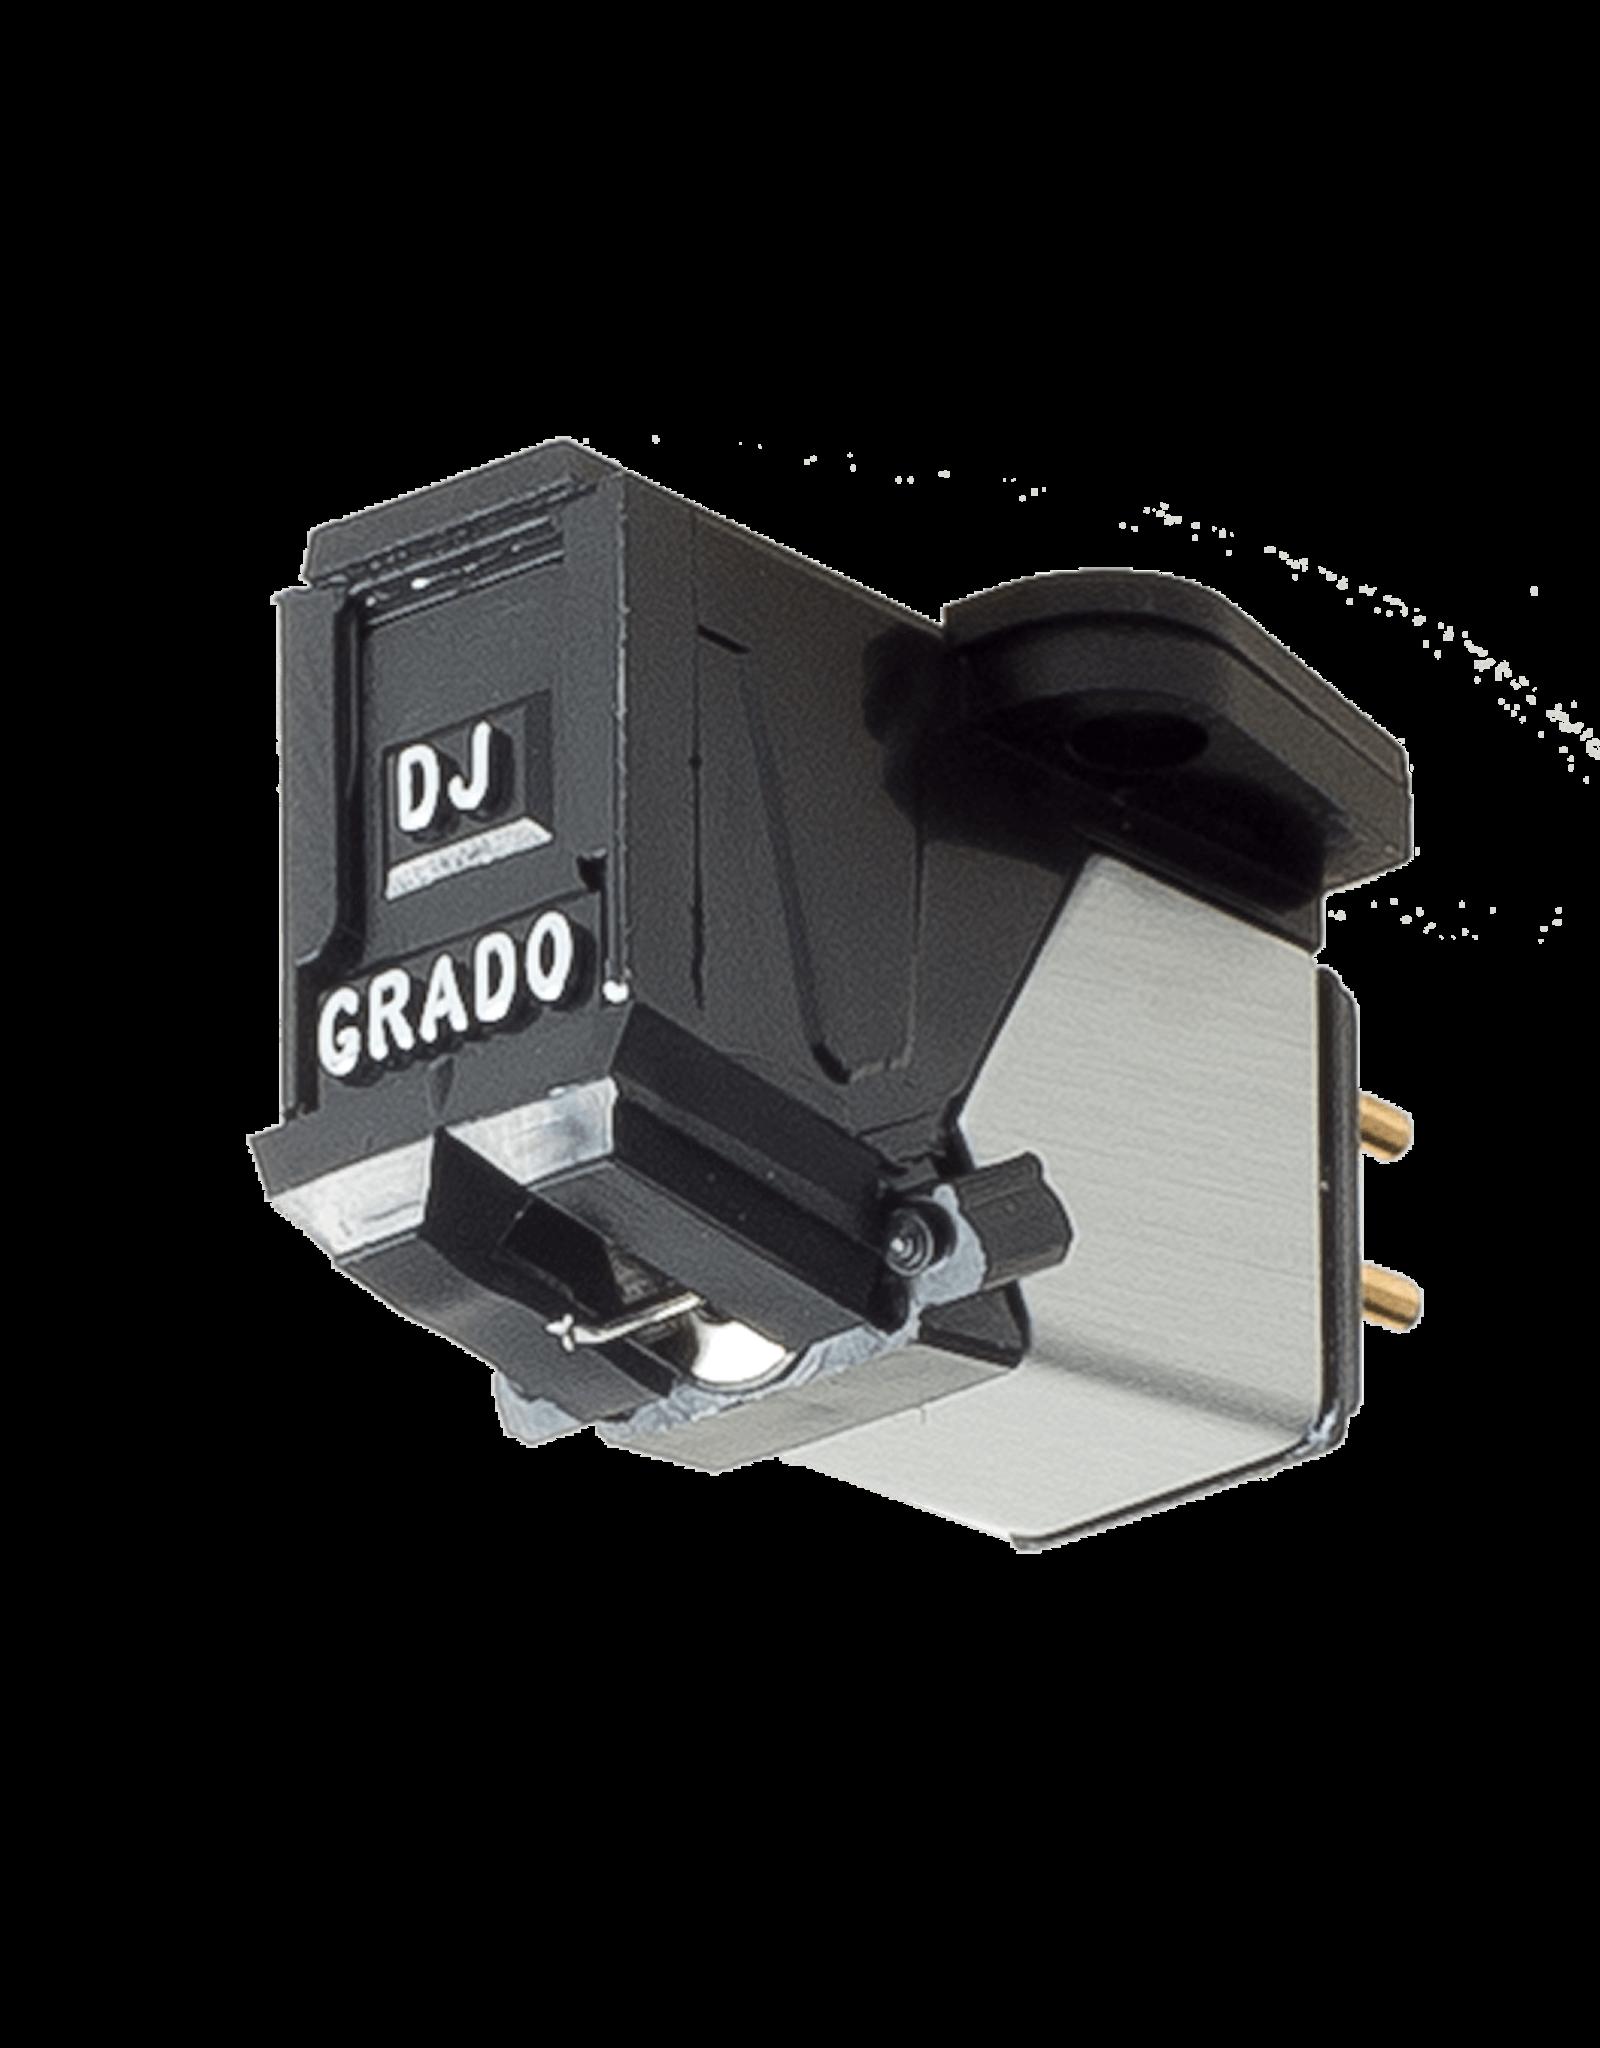 Grado Labs Grado Prestige DJ100i Phono Cartridge